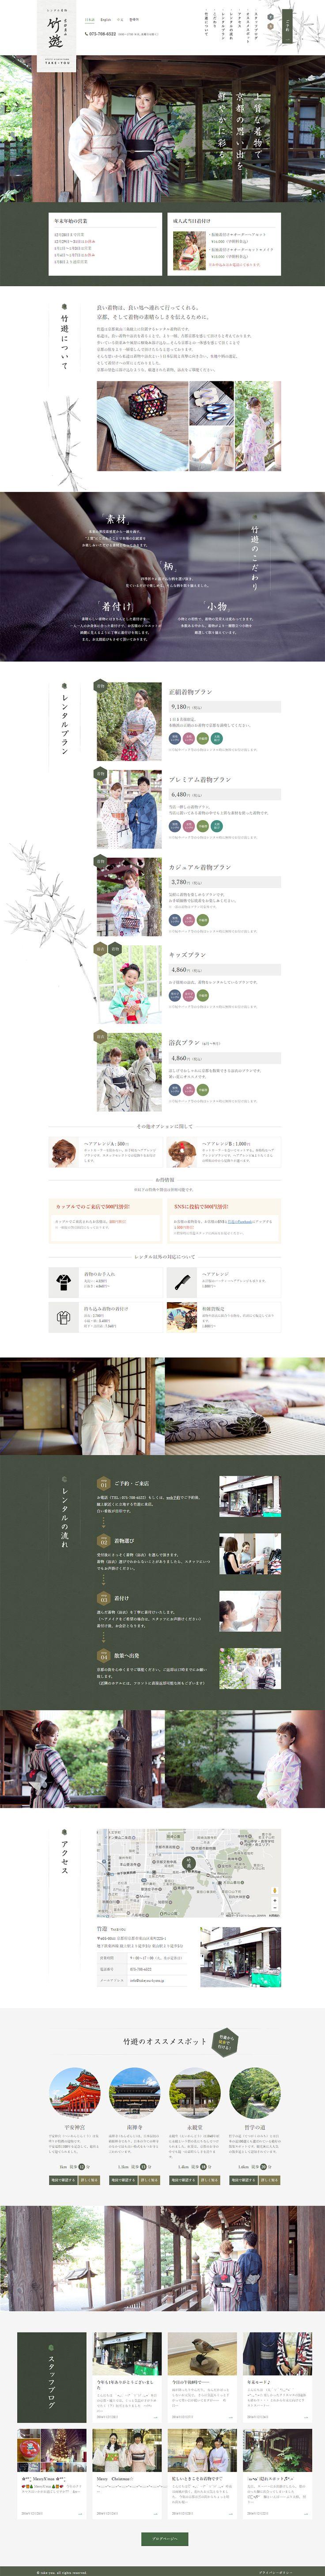 京都レンタル着物 WEBデザイナーさん必見!ランディングページのデザイン参考に(シンプル系)